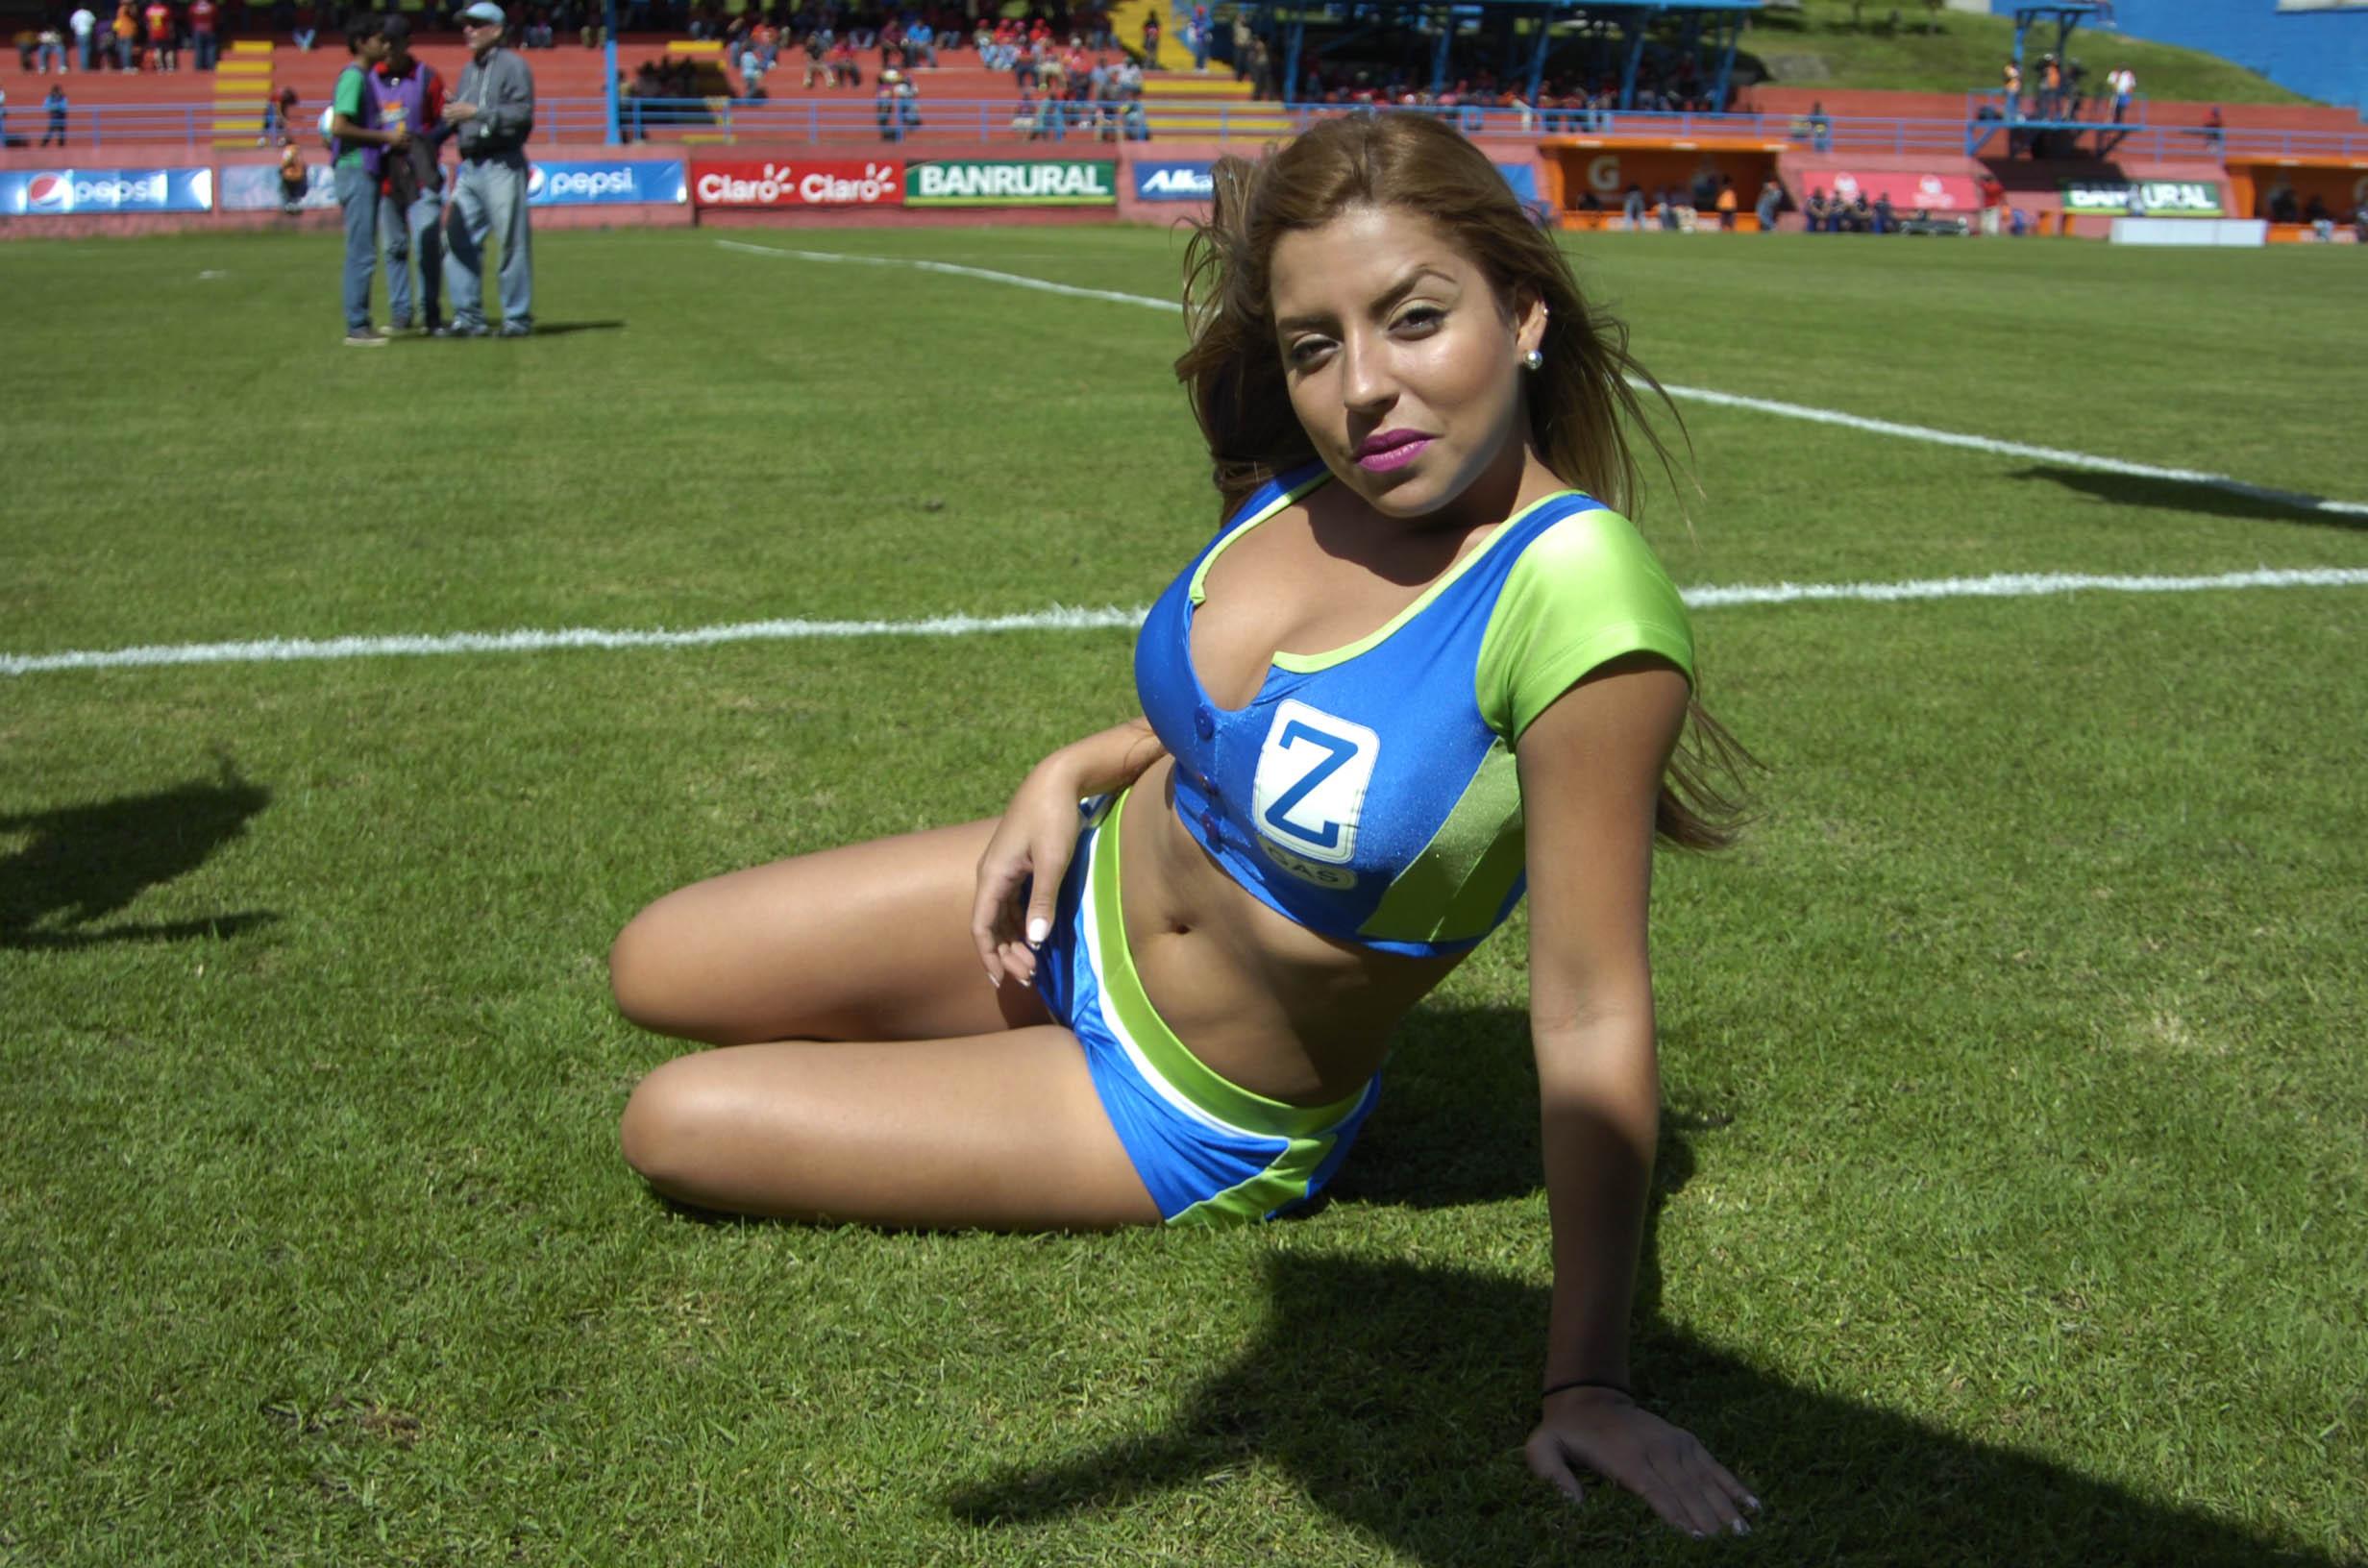 Alejandra Alfonzo de Venezuela 3670